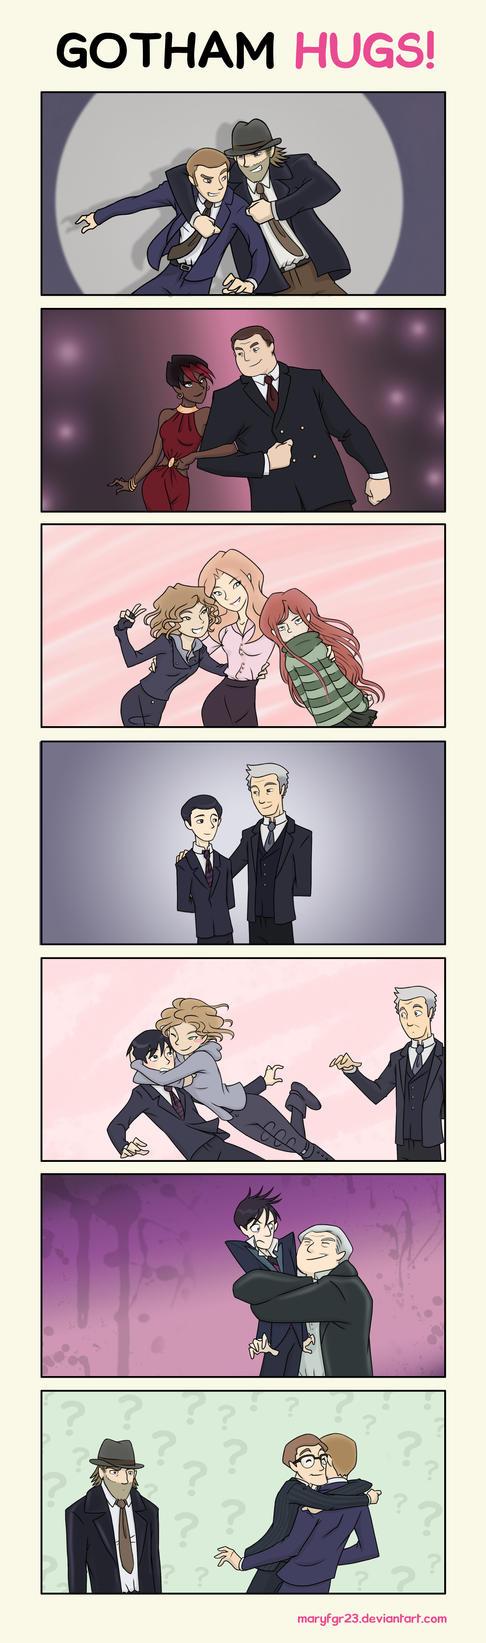 Gotham Hugs by maryfgr23